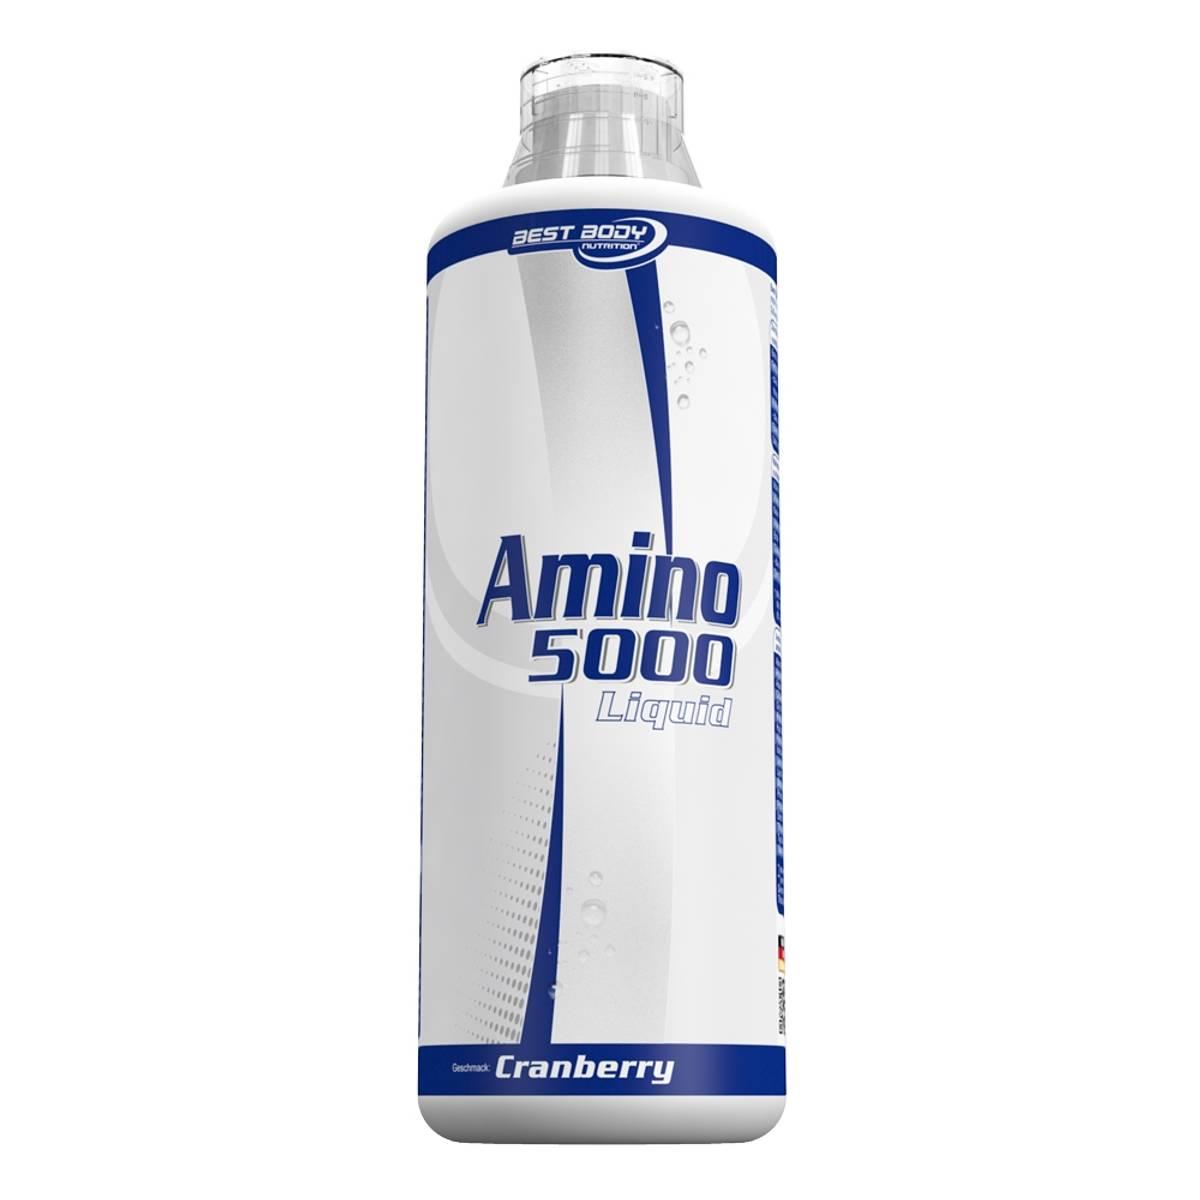 Amino 5000 Liquid - 1 liter